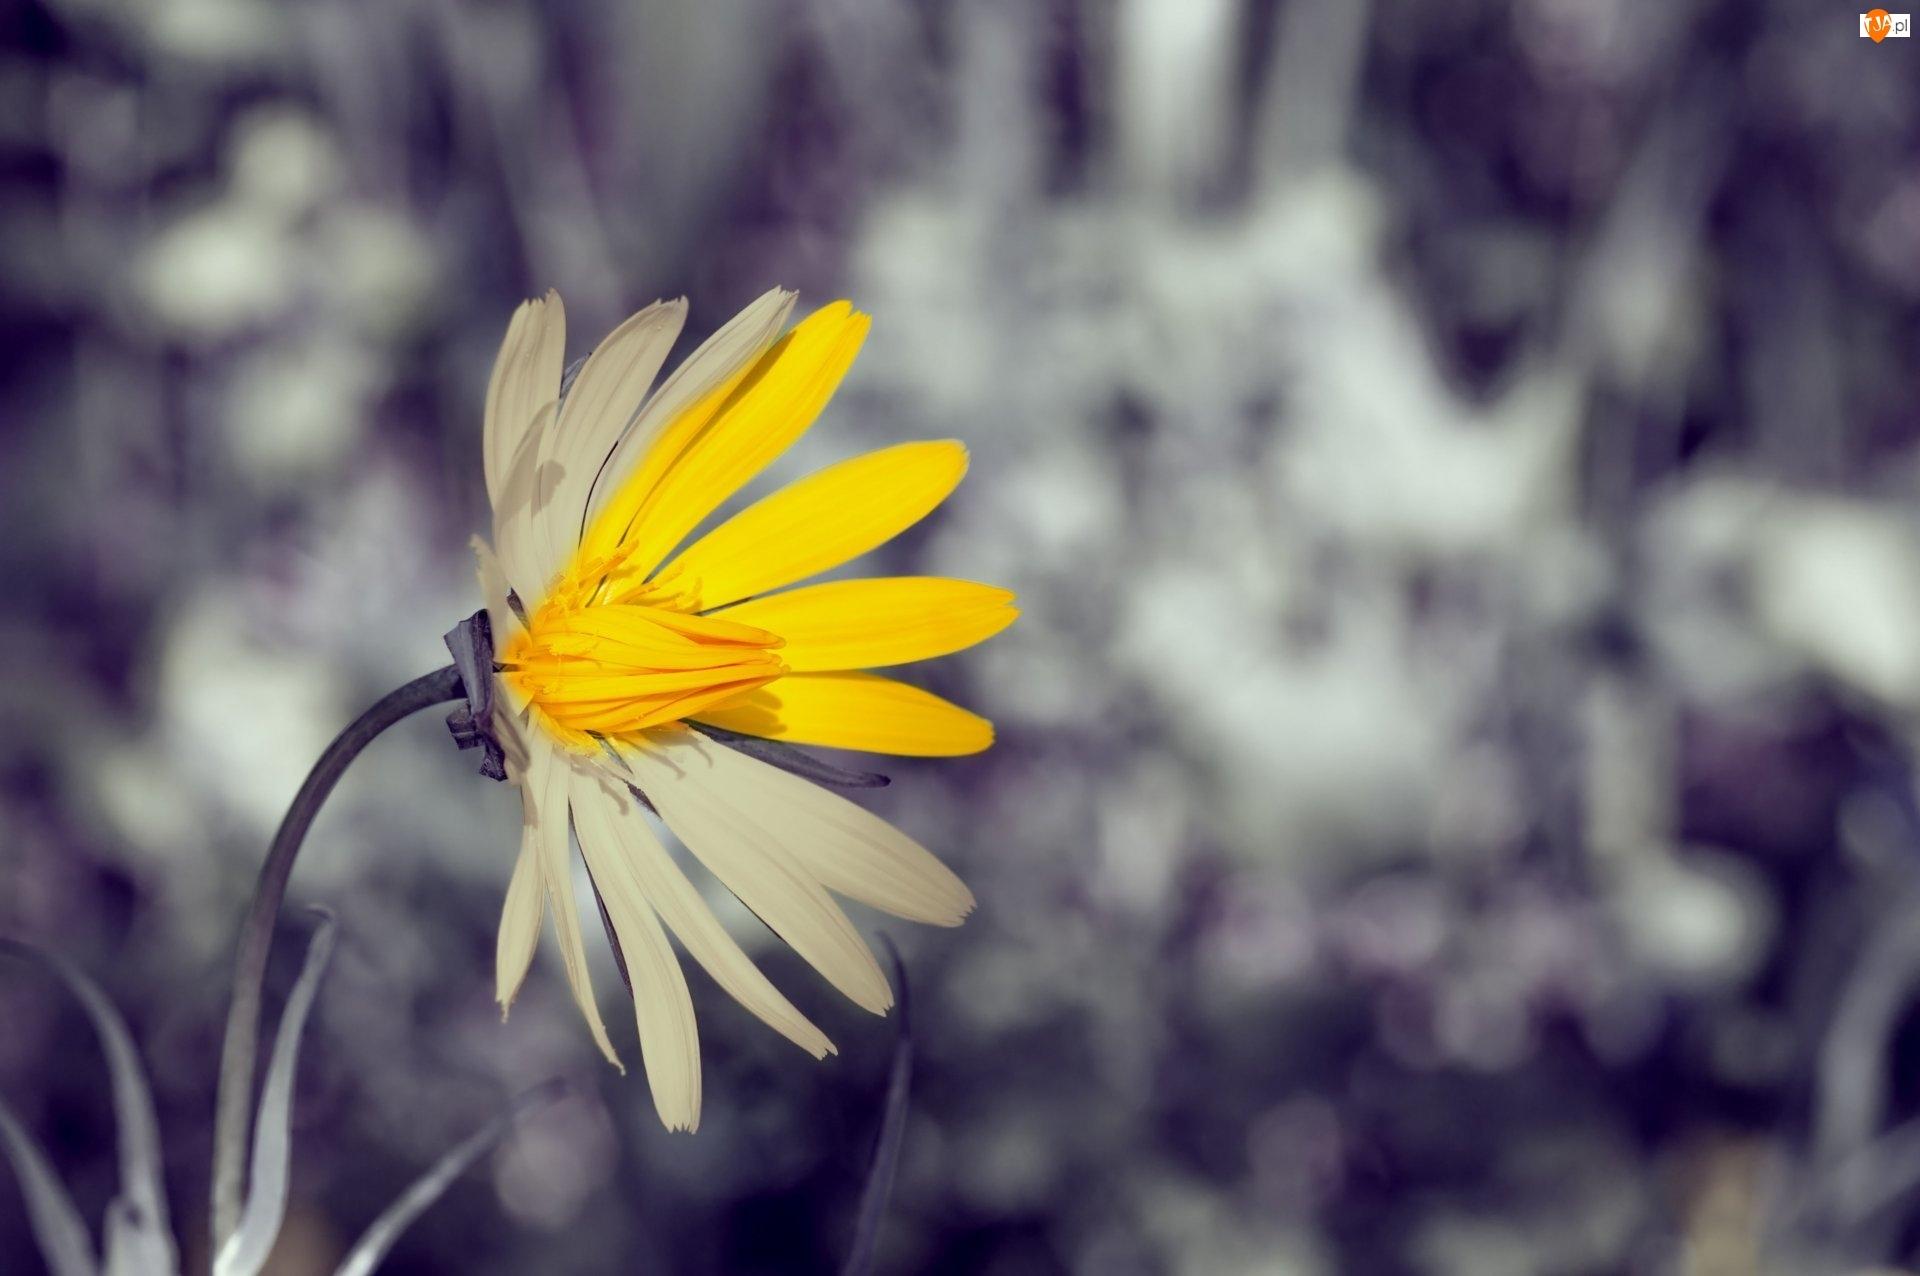 Rozmyte Tło, Żółty, Kwiat